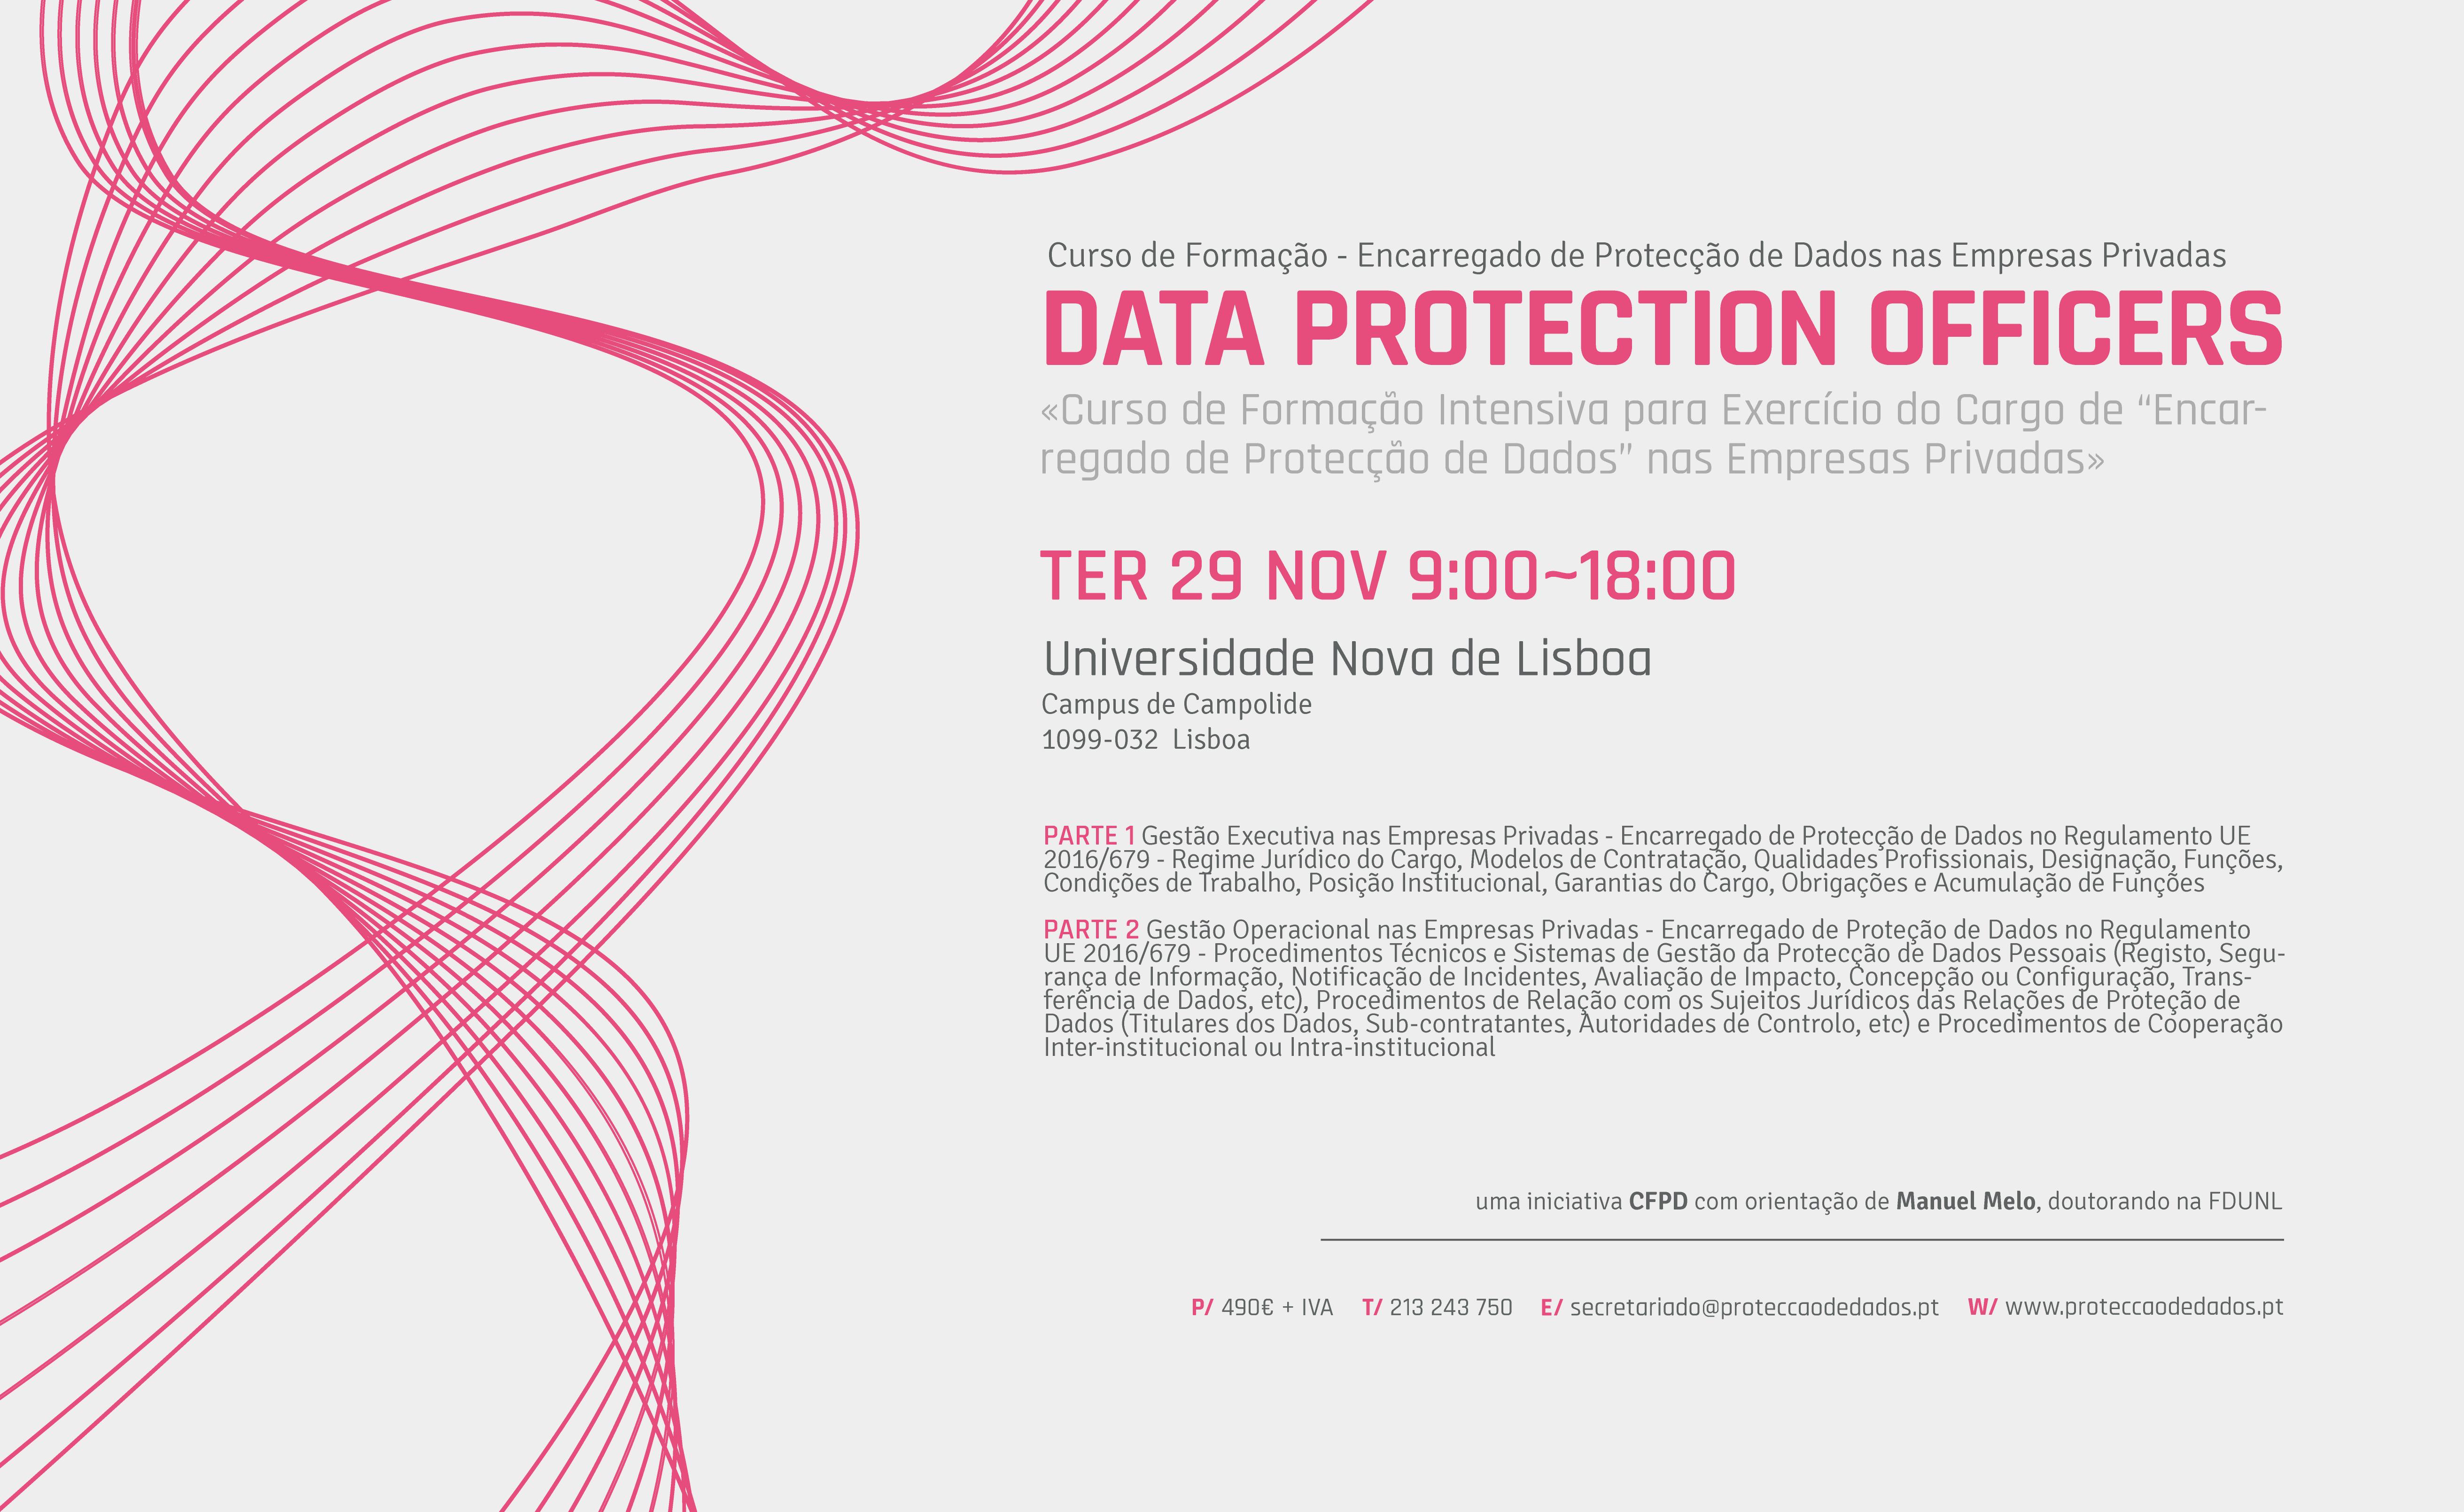 I Curso de Formação Intensiva - «Encarregado de Protecção de Dados nas Empresas Privadas»